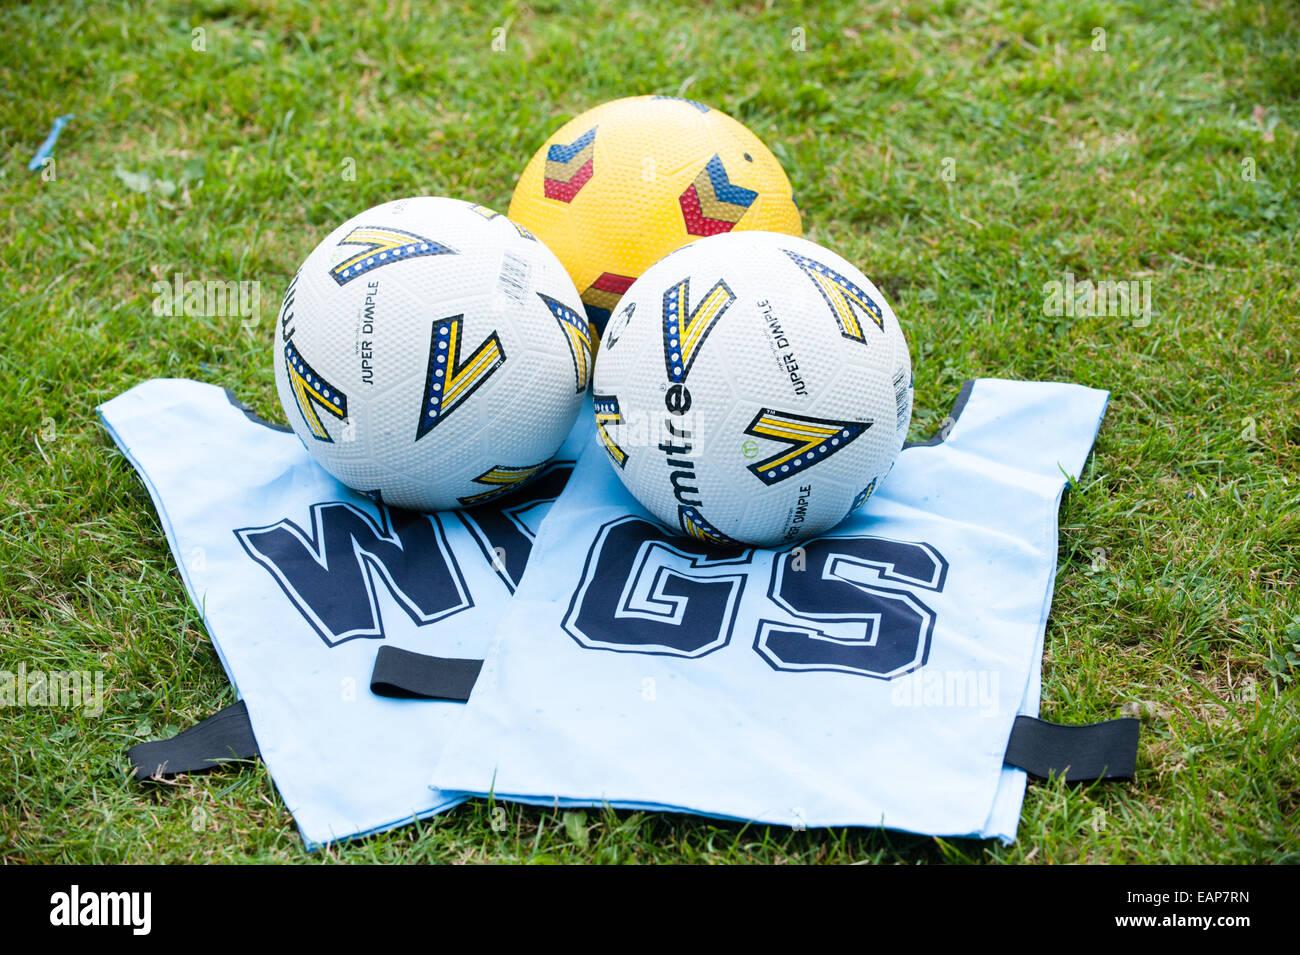 Pulire white netball tabards e tre sfere di netball sull'erba a una scuola corso di coaching Immagini Stock